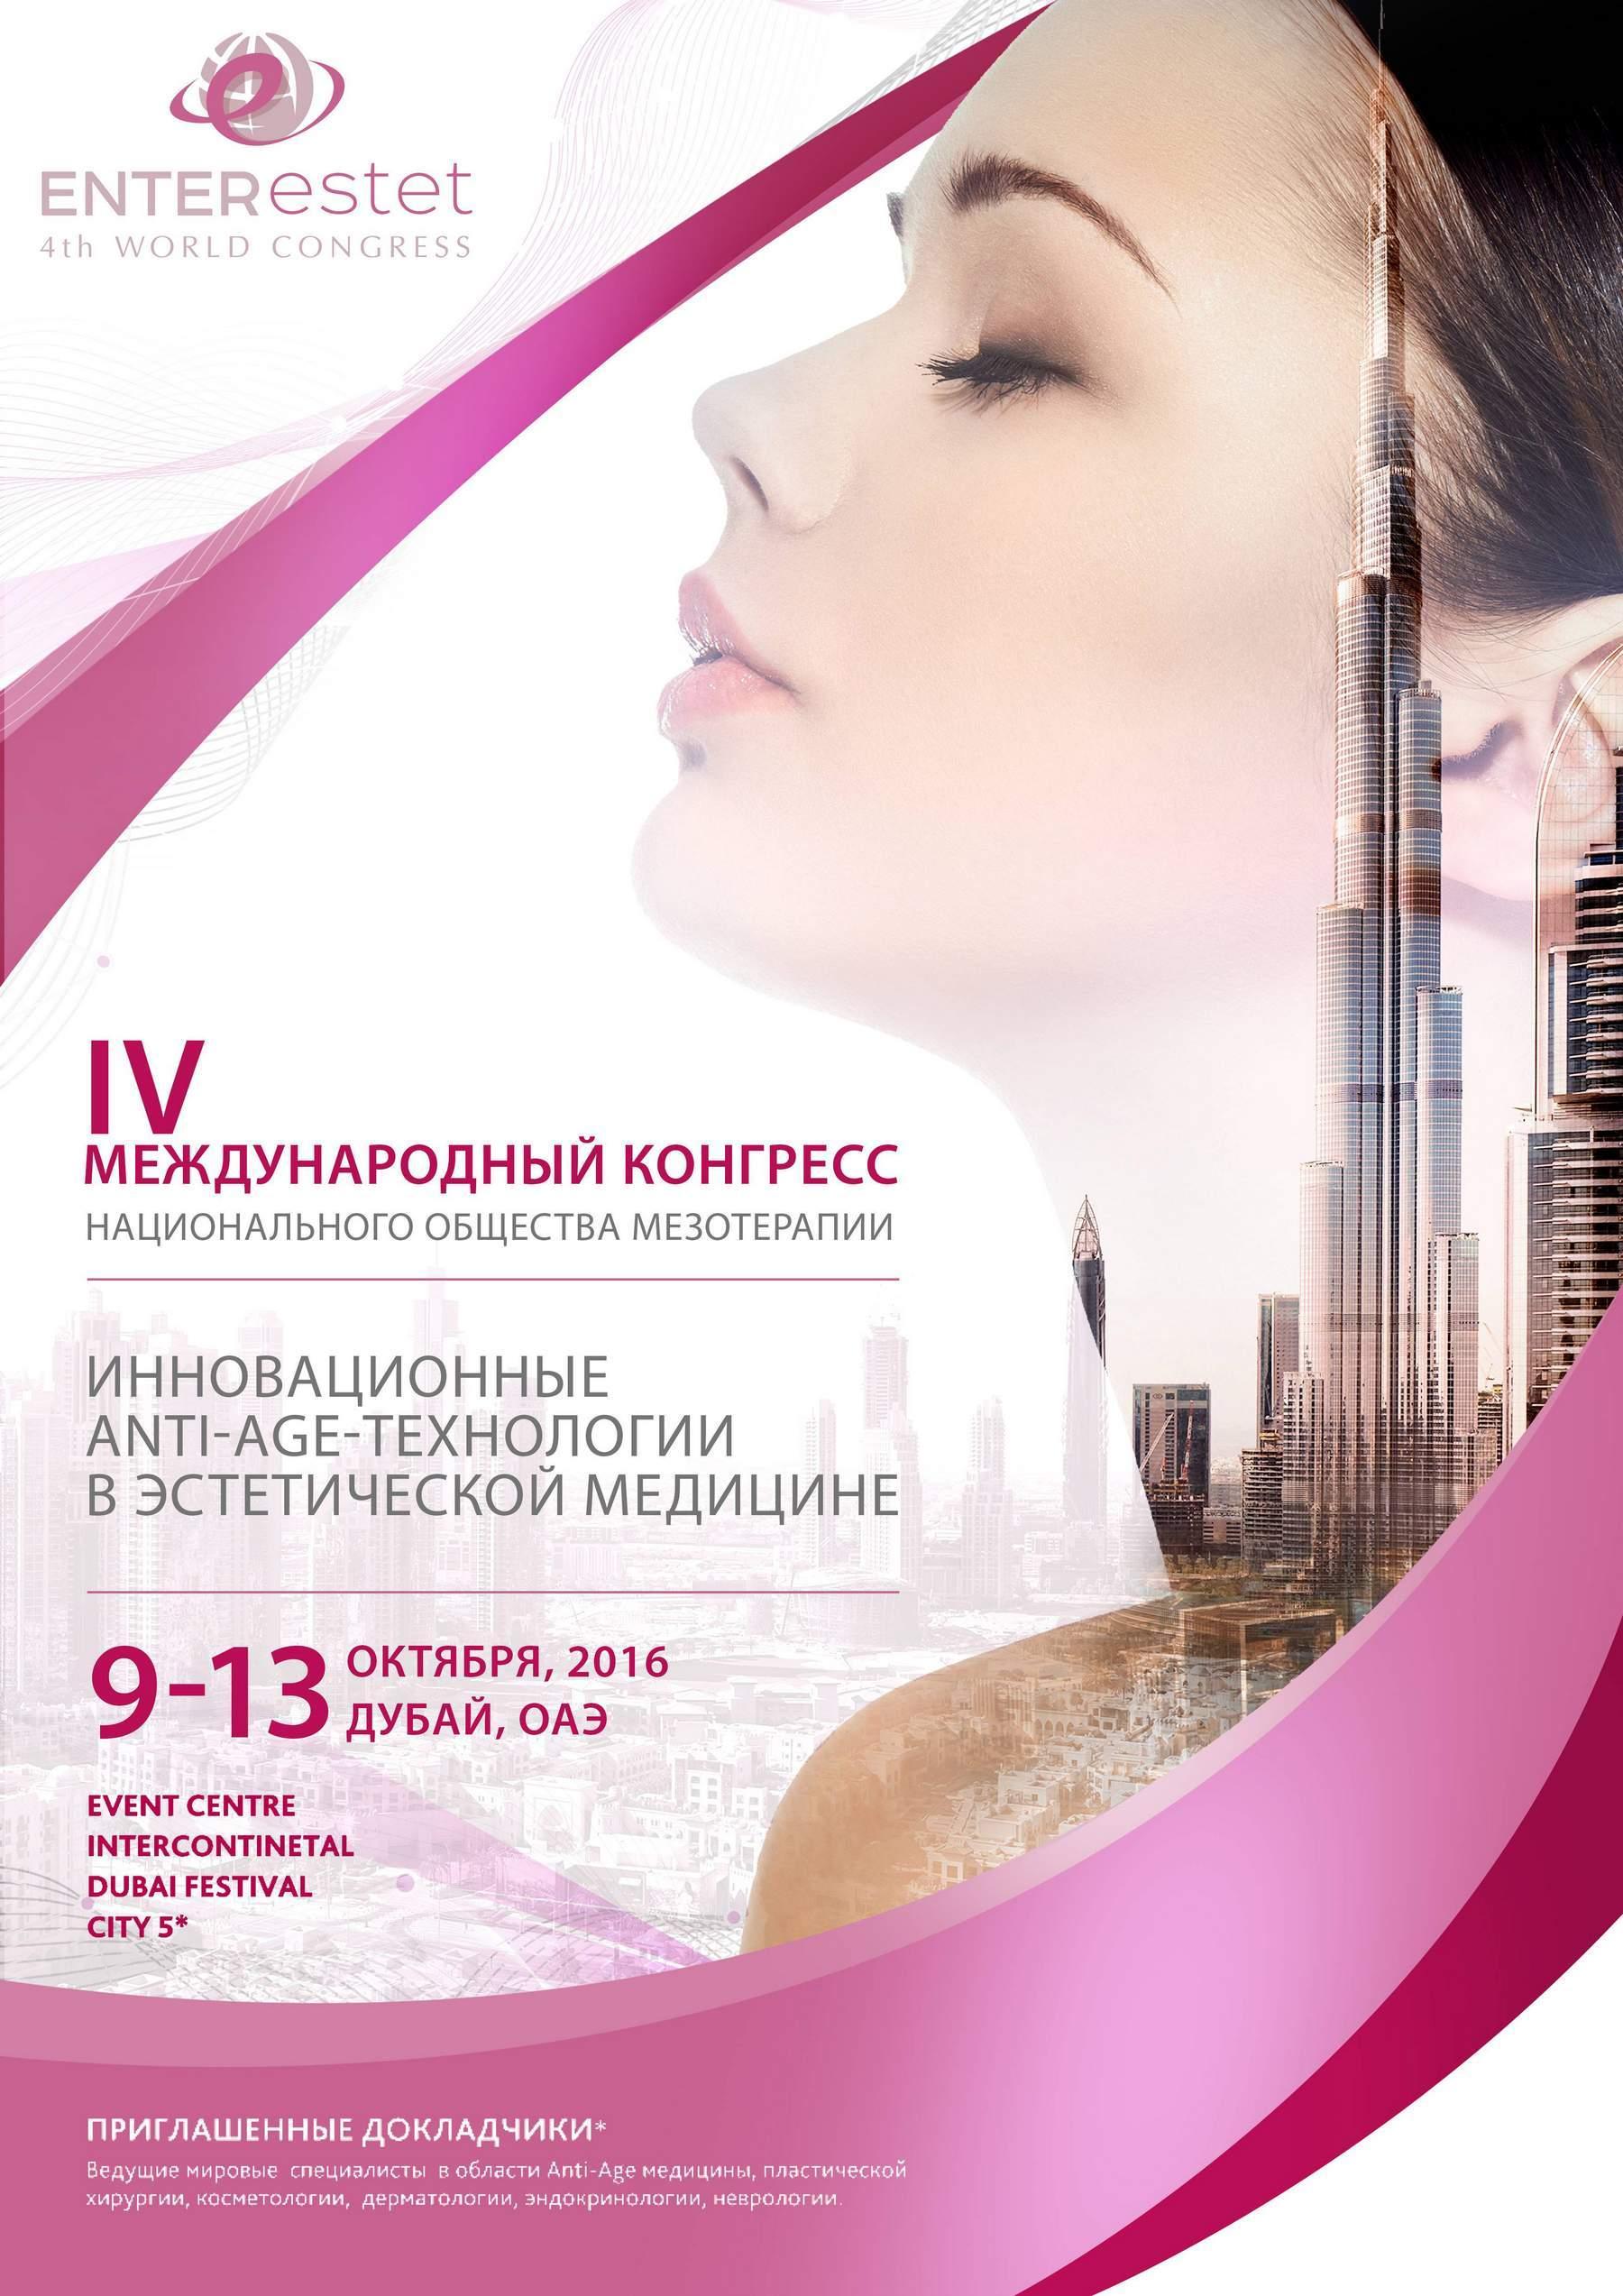 Разработка логотипа для Международного конгресса по инновационным anti-age-технологиям в эстетической медицине портфолио